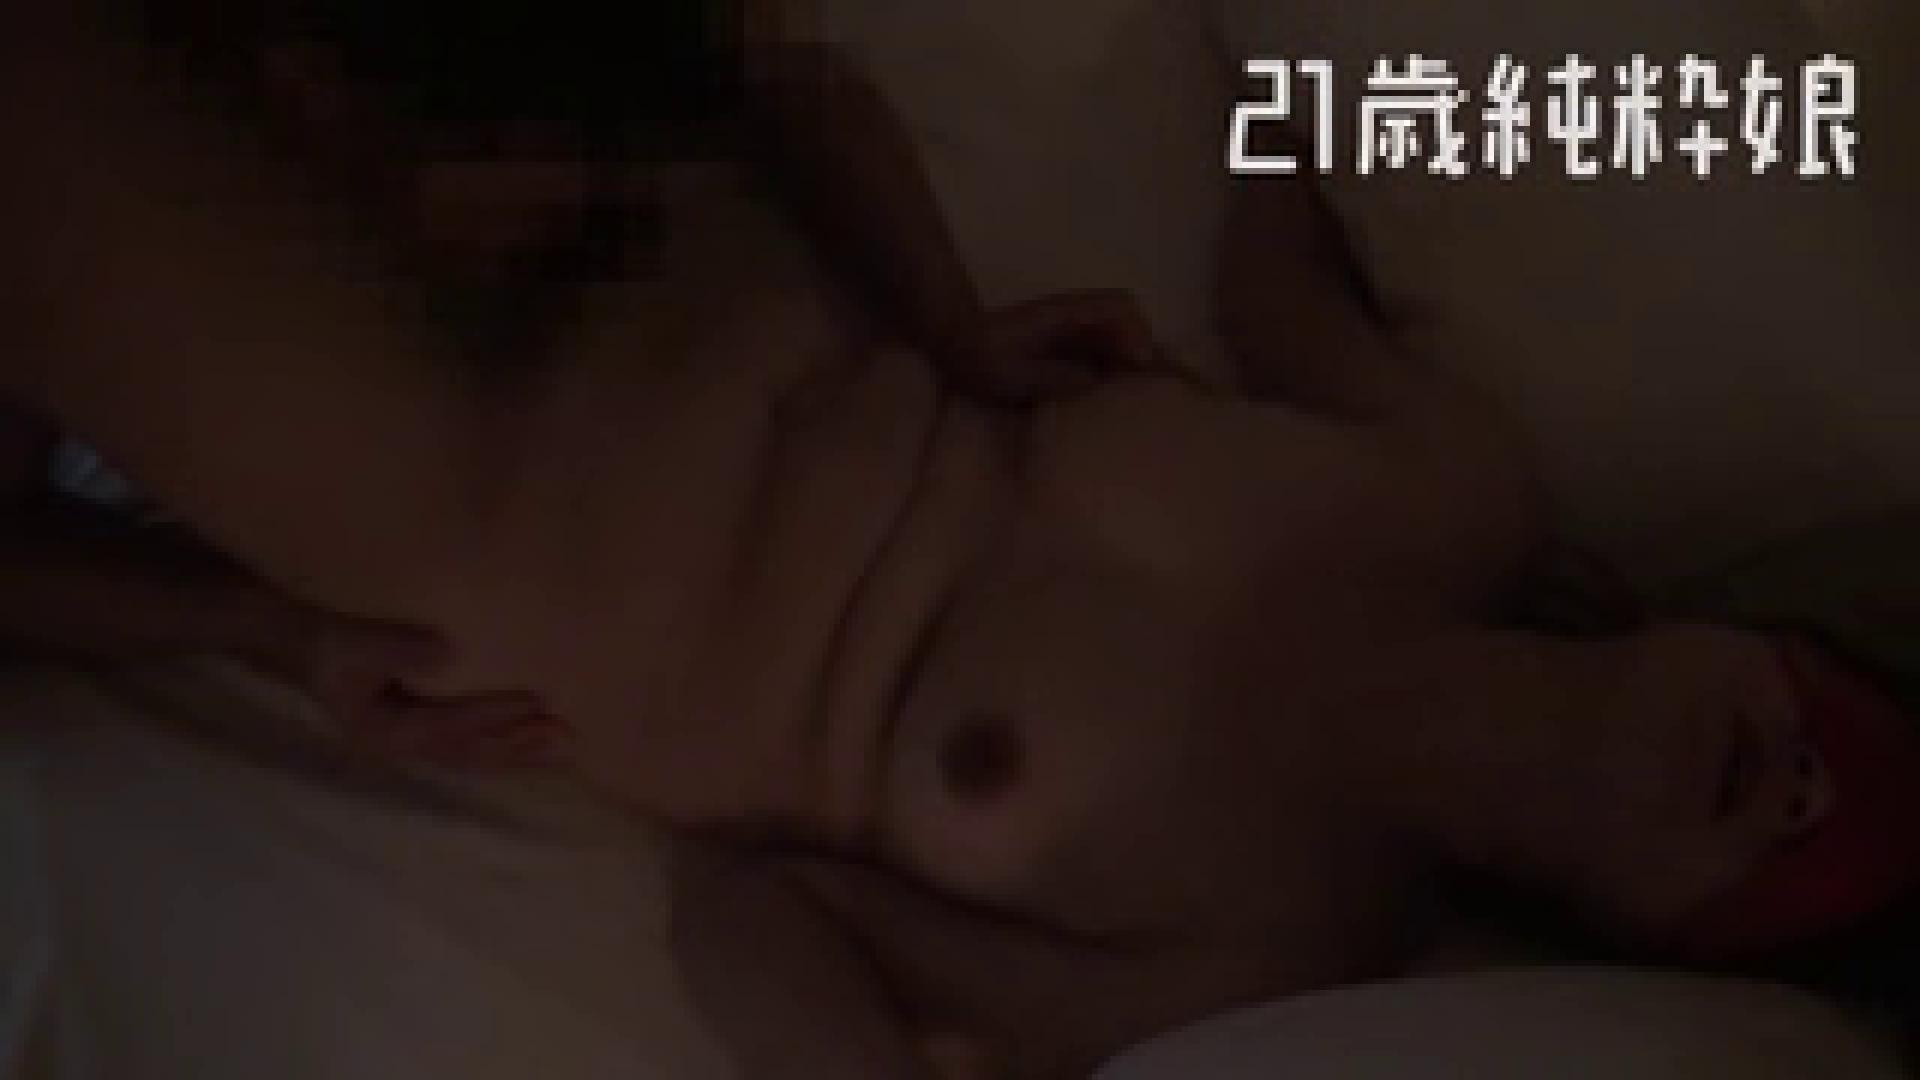 上京したばかりのGカップ21歳純粋嬢を都合の良い女にしてみた4 ホテル 盗み撮り動画キャプチャ 61連発 55